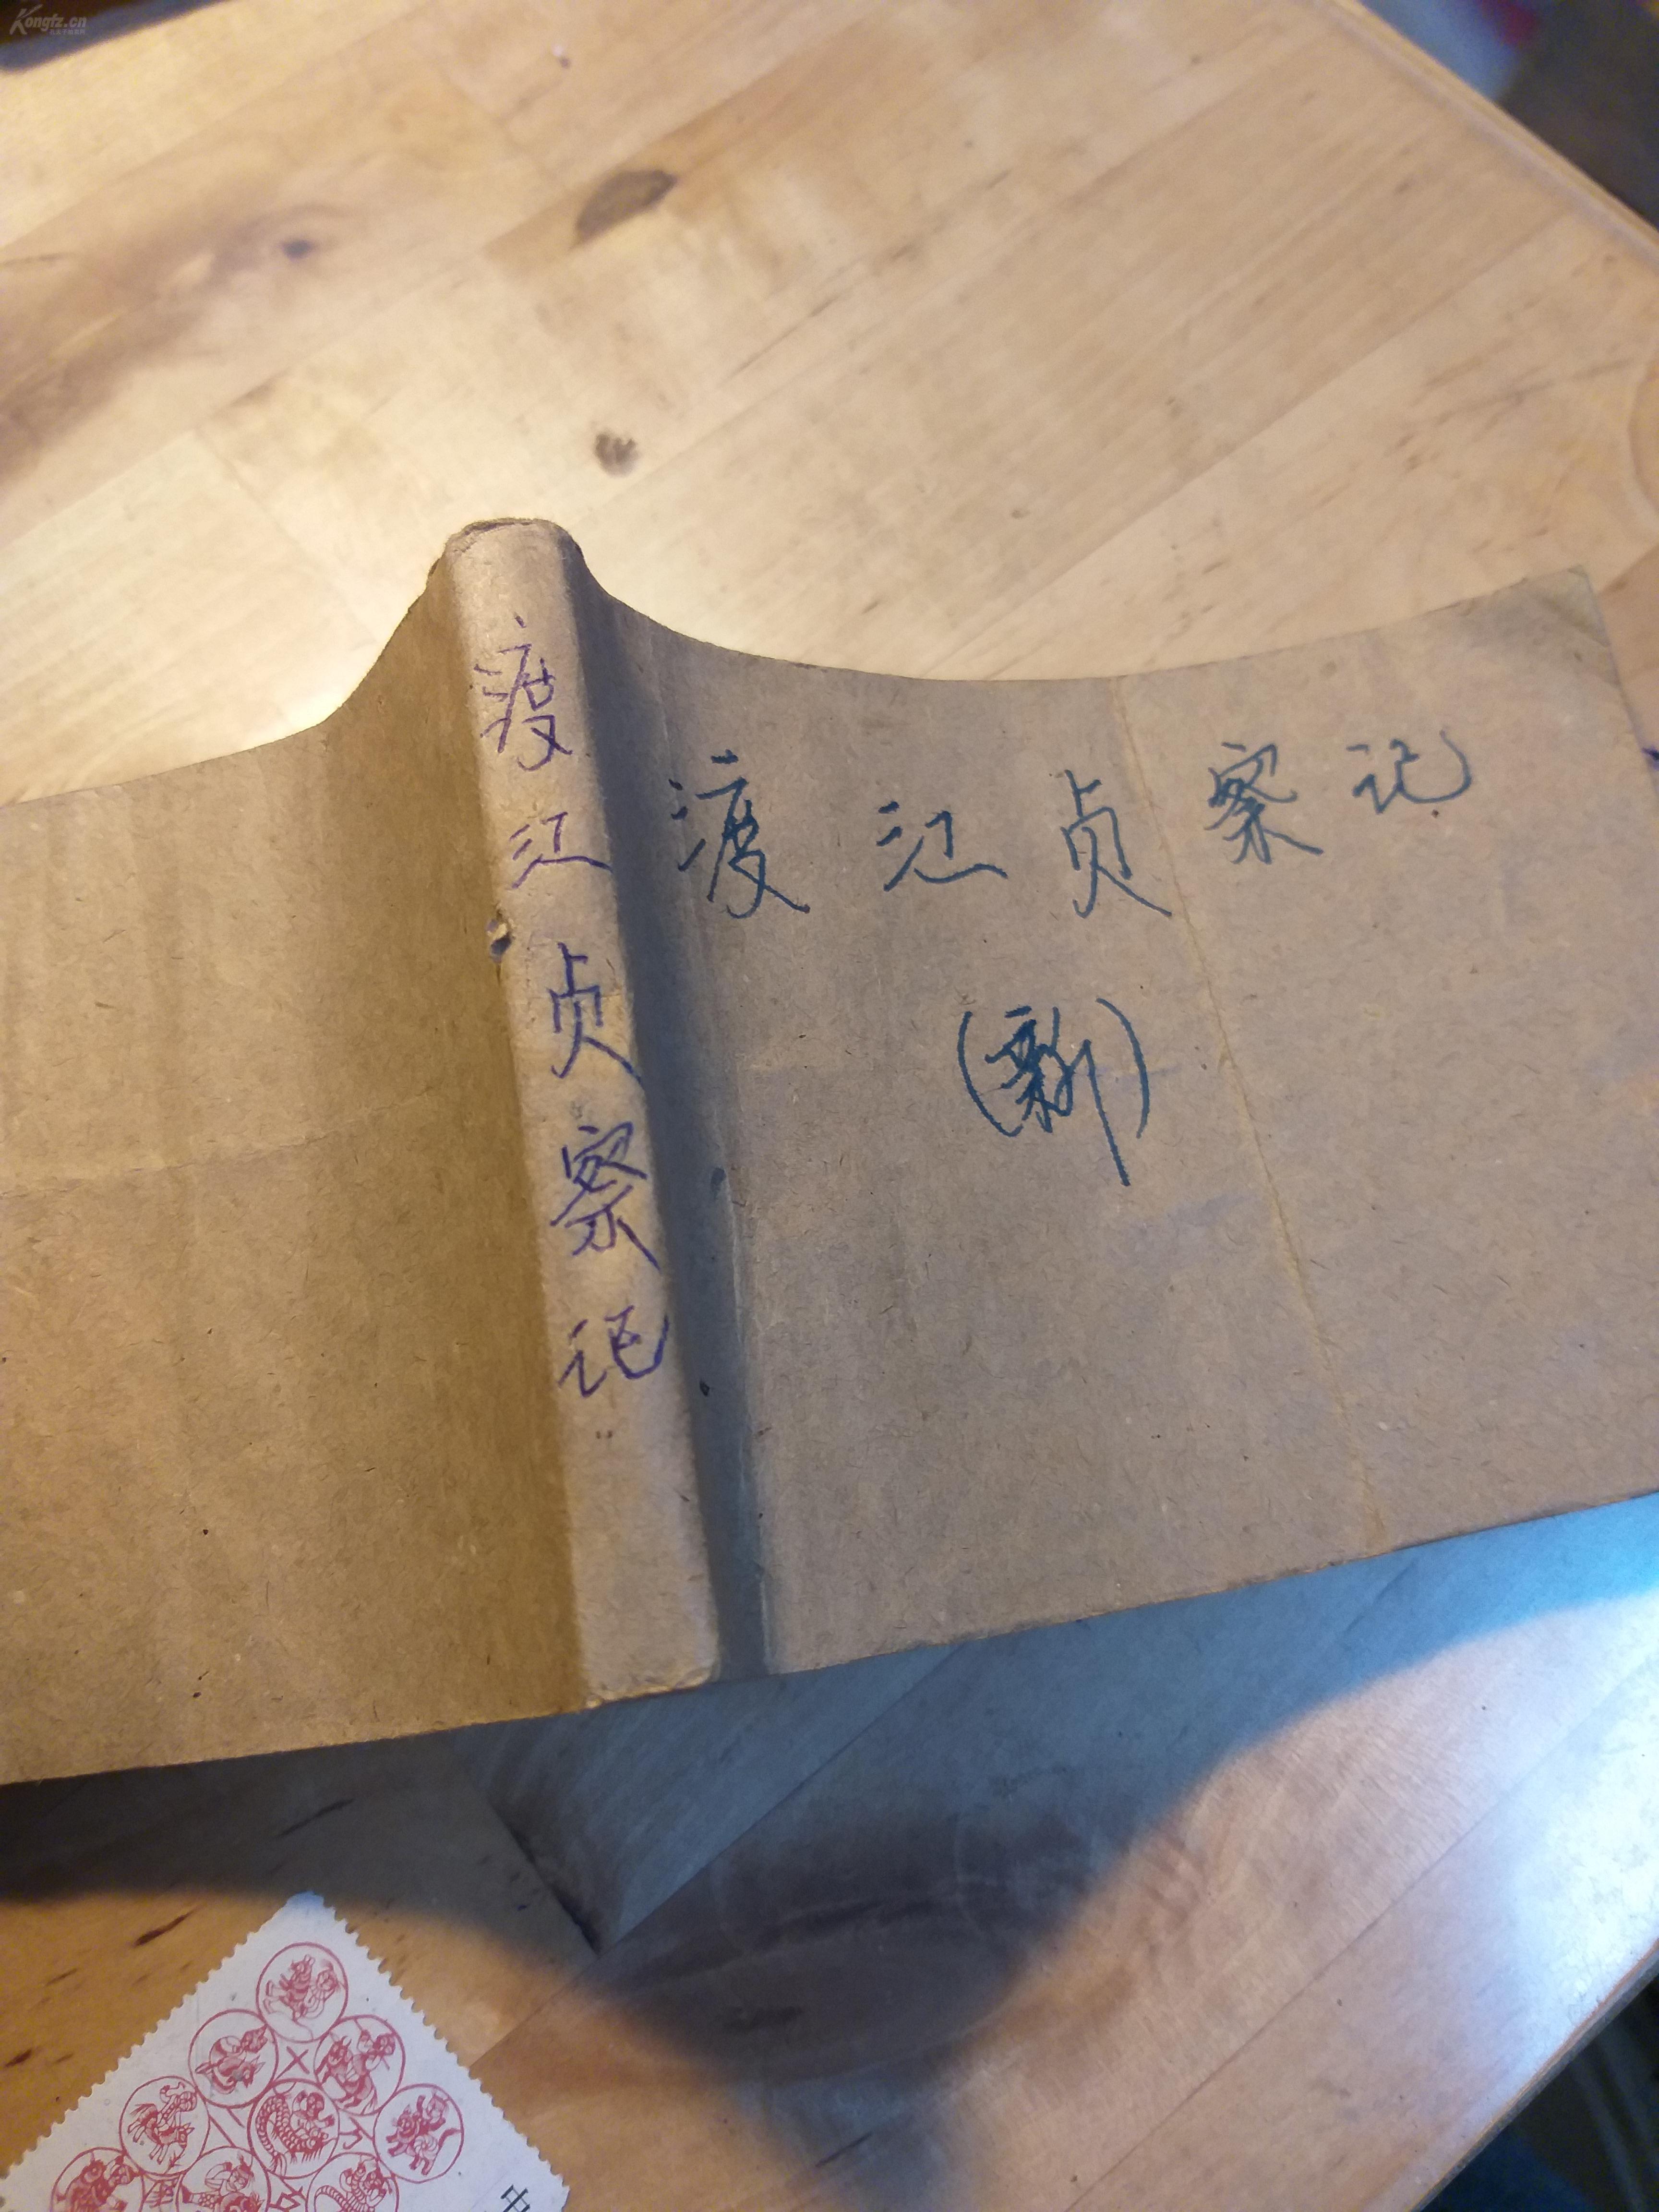 连环画,渡江侦察记,牛皮纸沾书脊,从第3页到1工程v书脊白乳胶图片